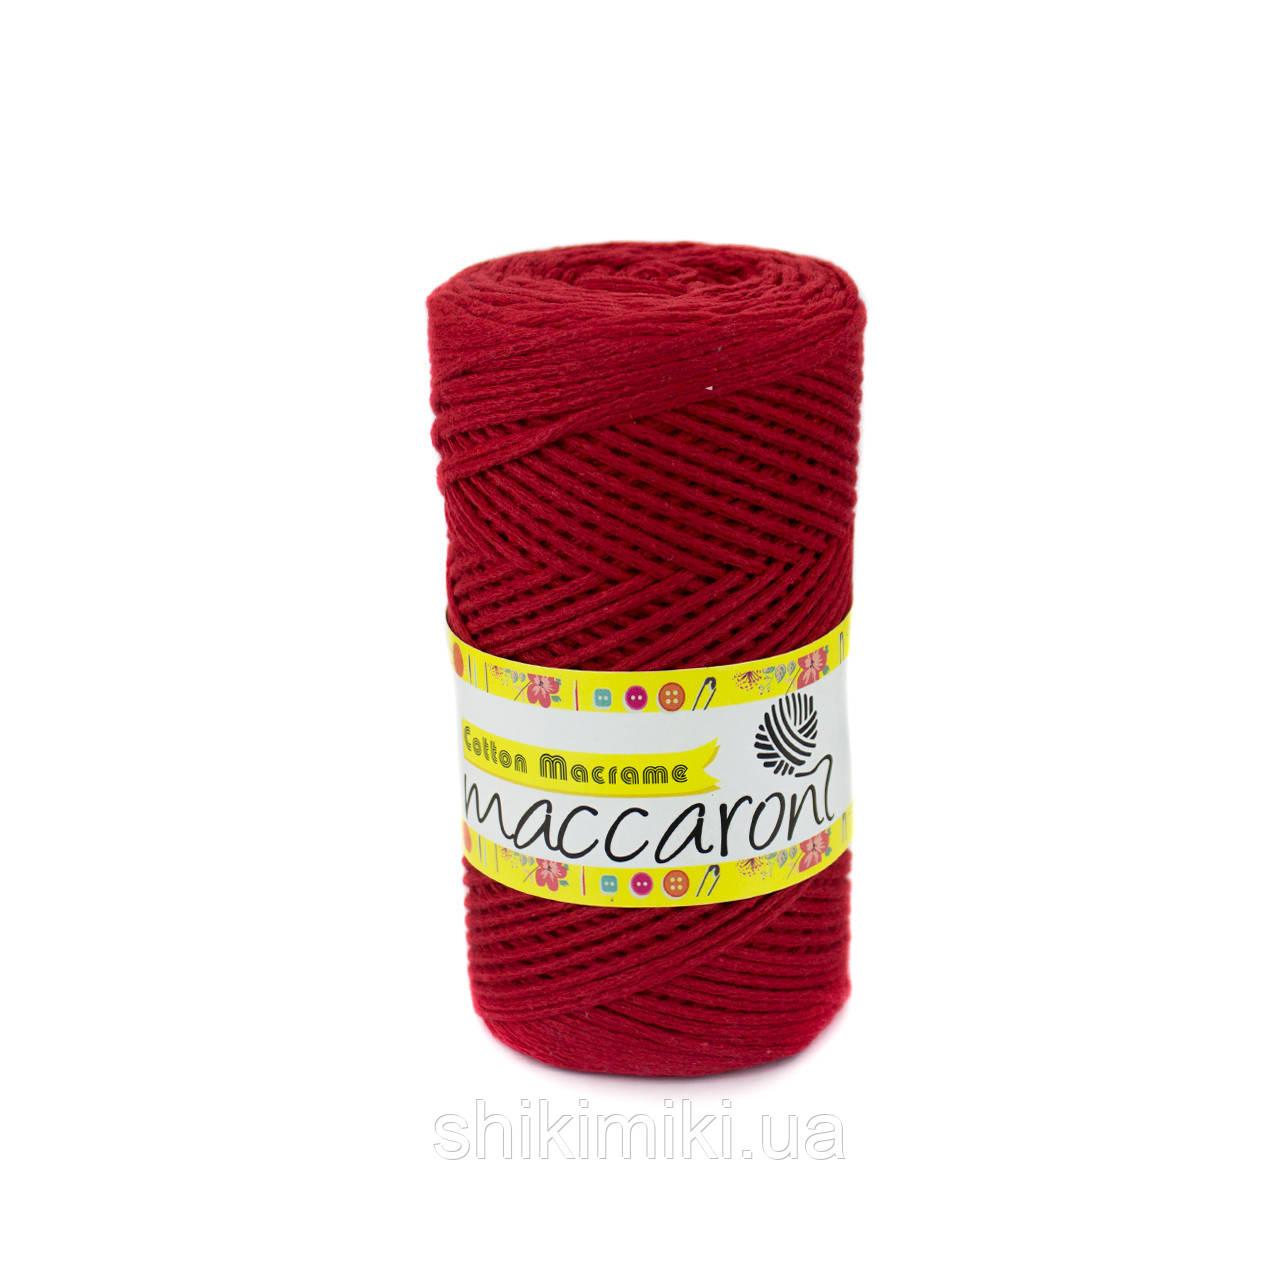 Эко Шнур Cotton Macrame, цвет Красный